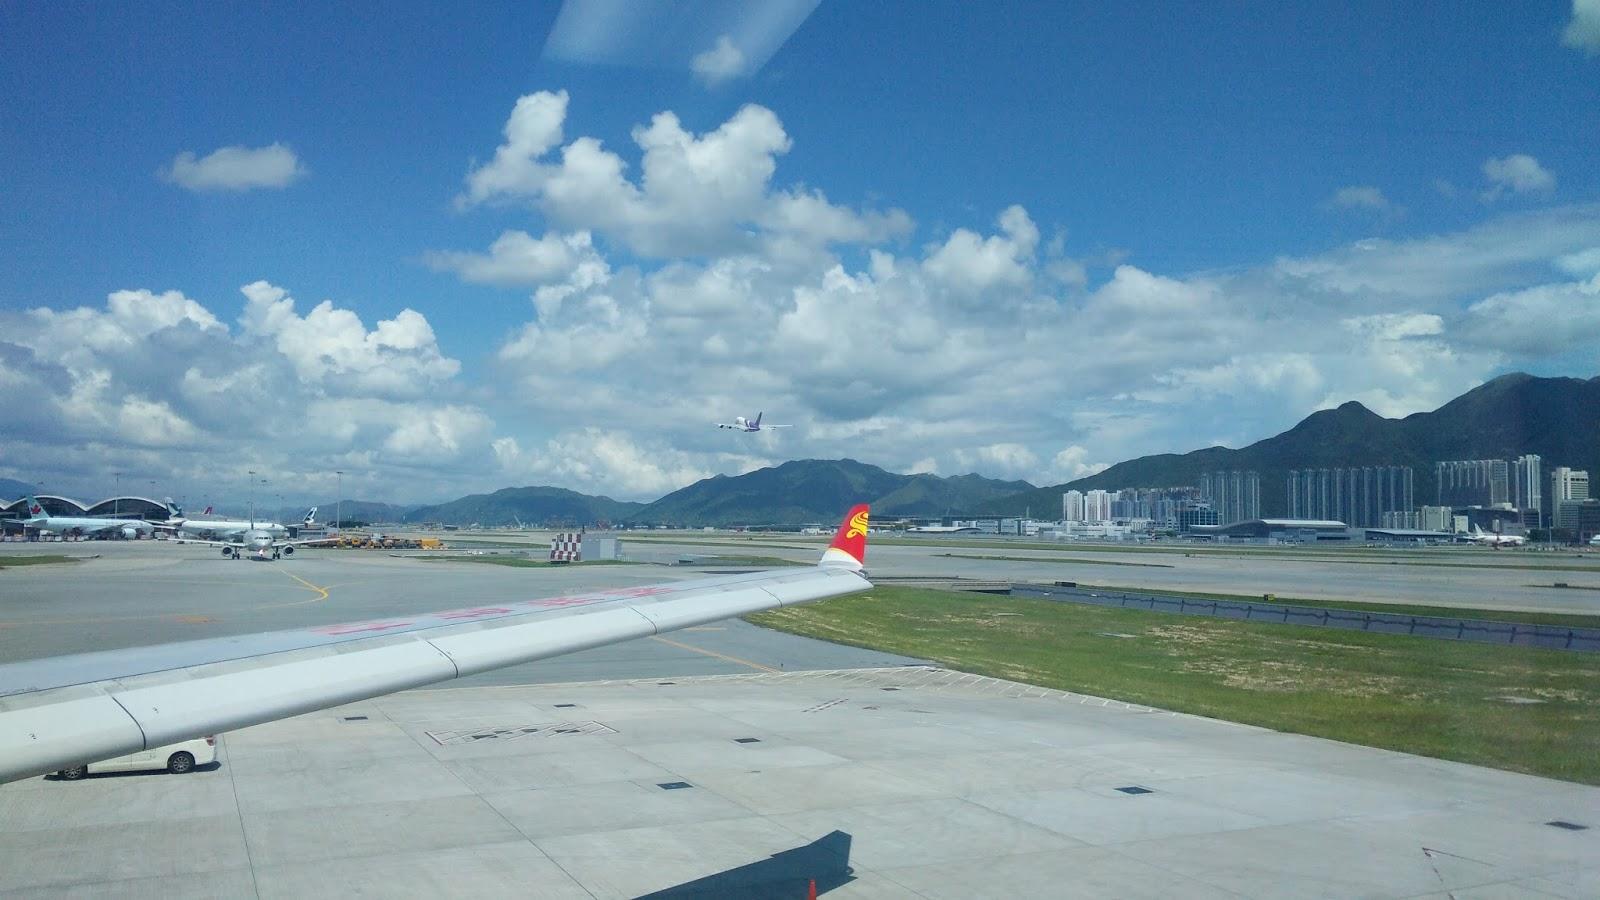 黑老闆說︱抵達香港機場,一出機艙正好看見泰航A380升空,我現在最想搭的就是這款空中霸王的商務艙。